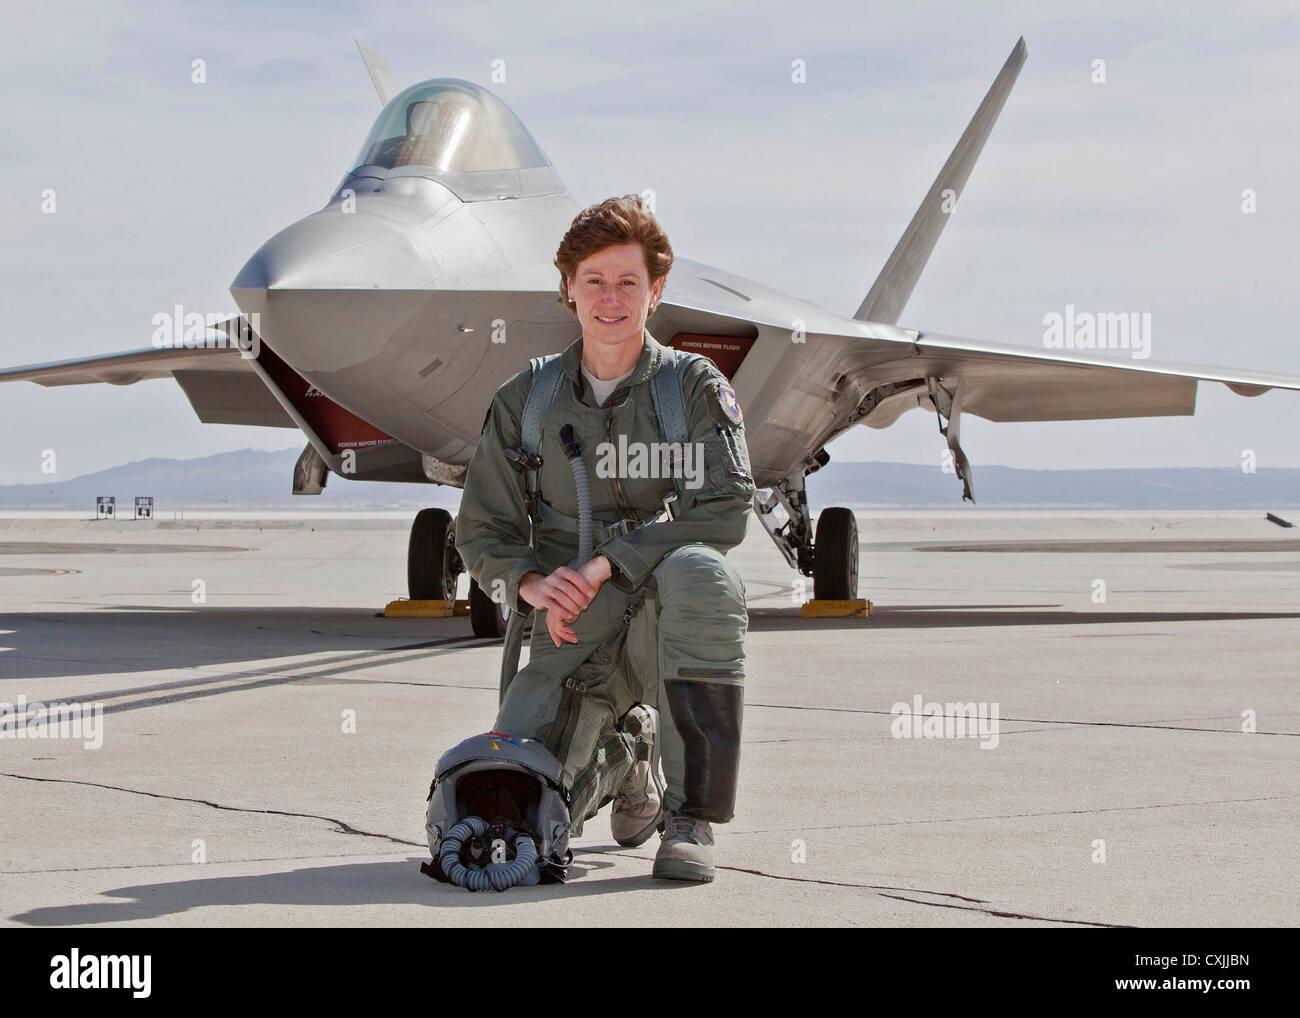 Usaf Fighter Pilot F 22   www.pixshark.com - Images ... Usaf Fighter Pilot F 22